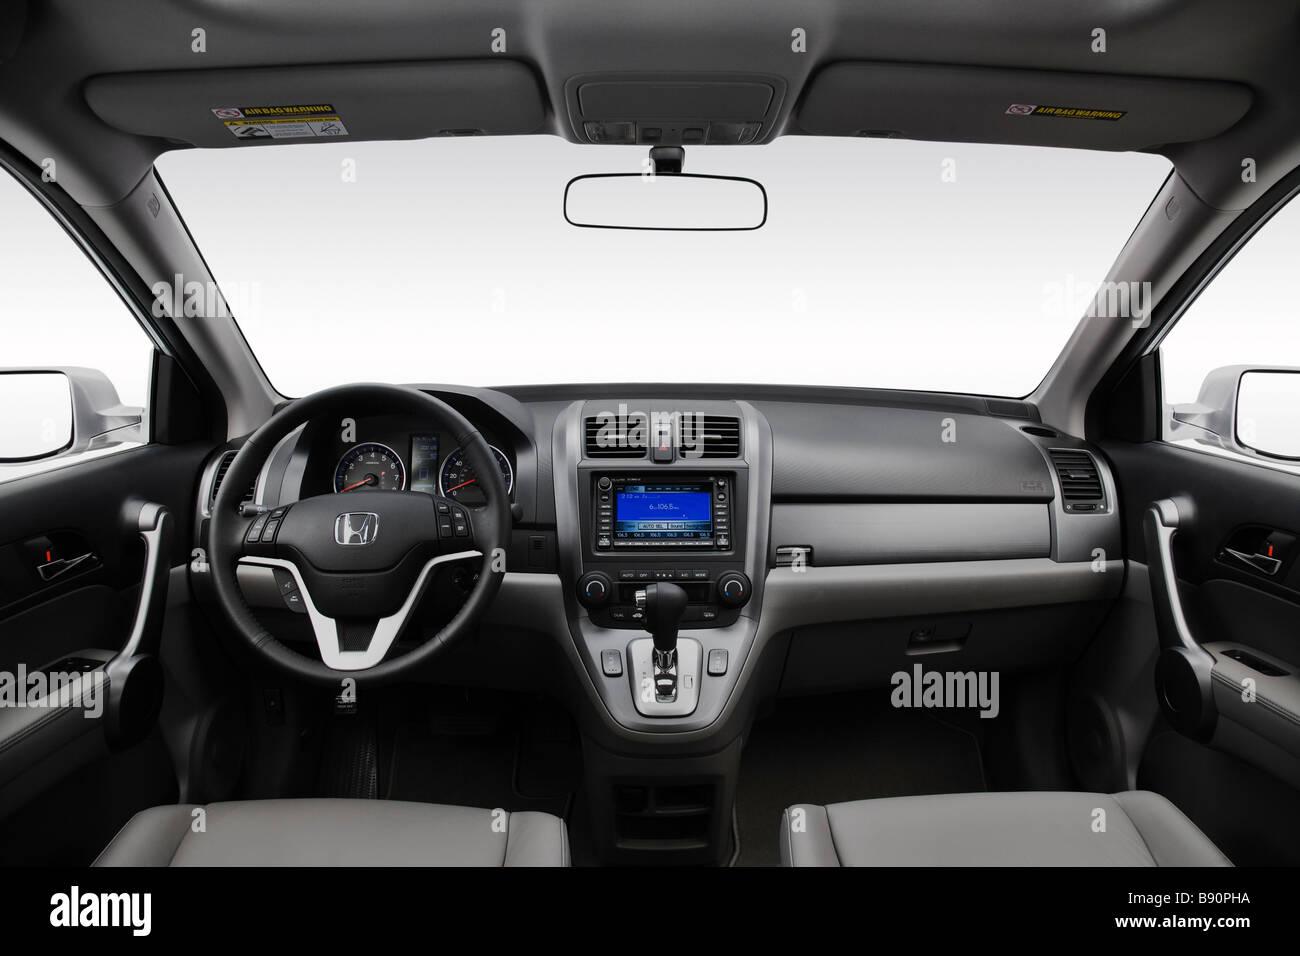 Honda crv dashboard lights 28 images honda wrench for Honda crv wrench light